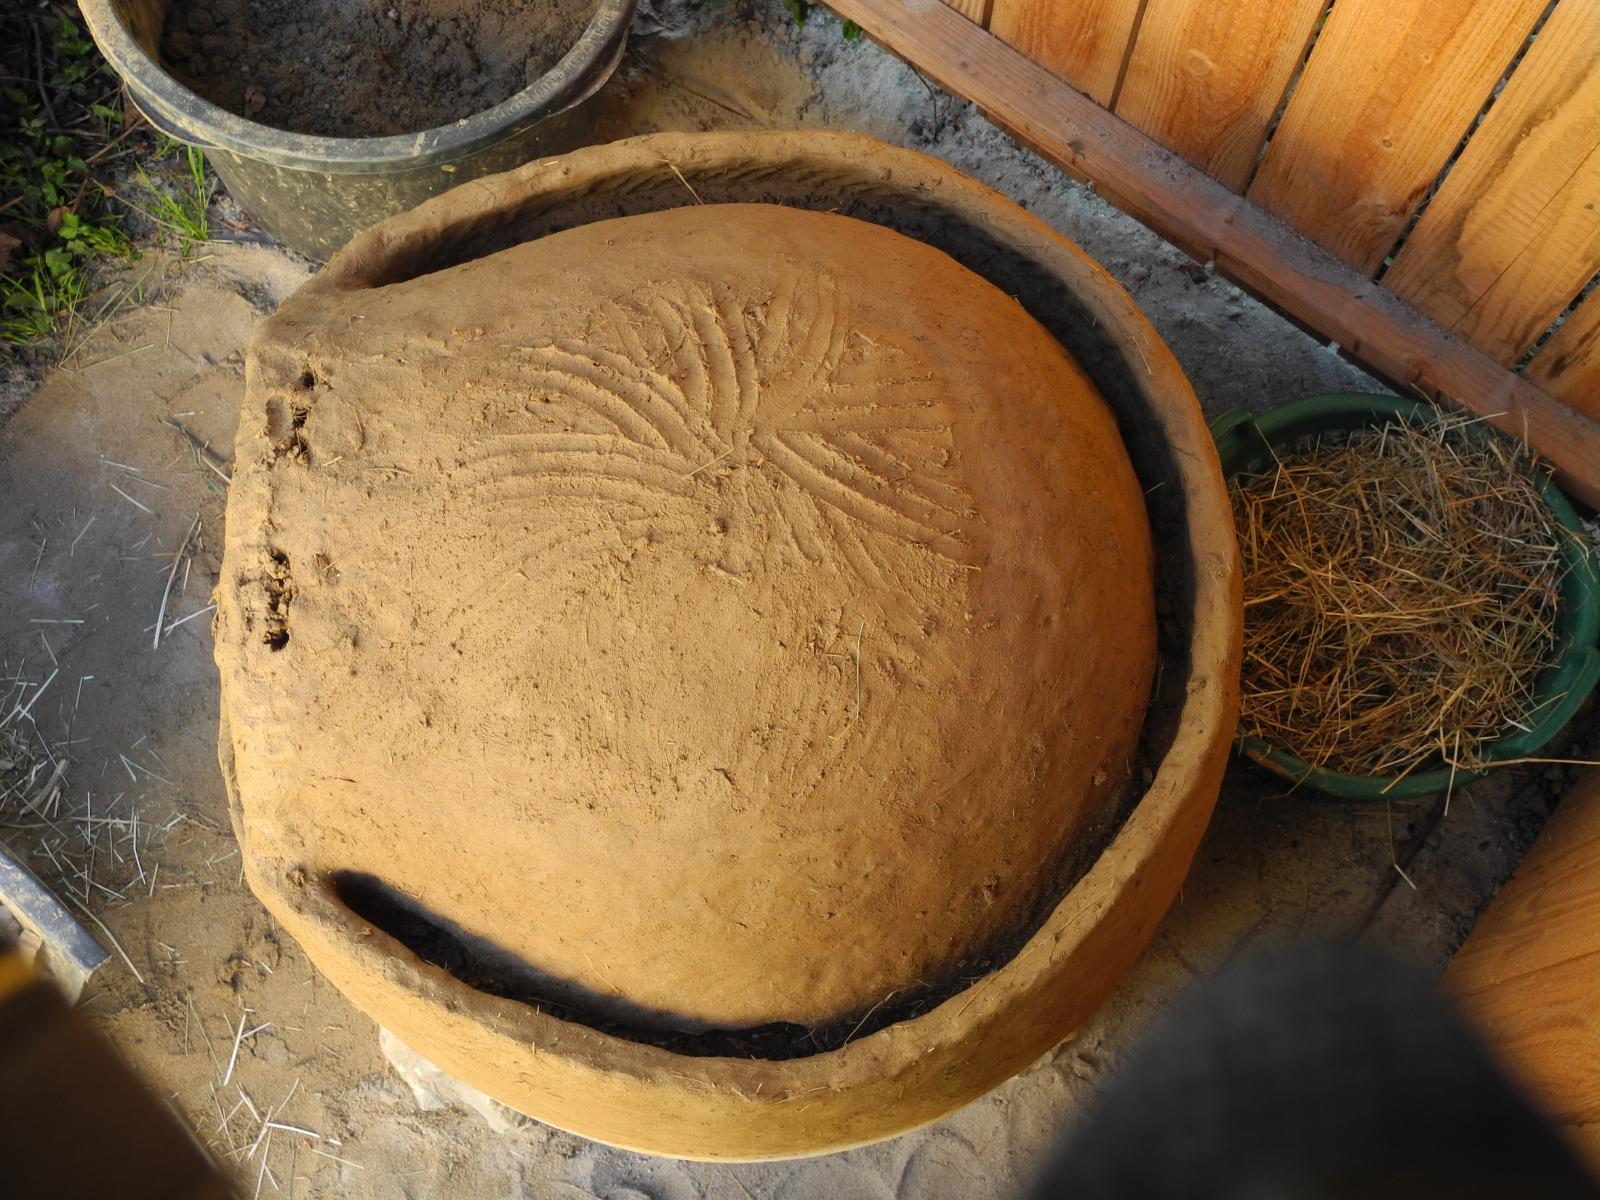 Lehmbrotbackofenbau